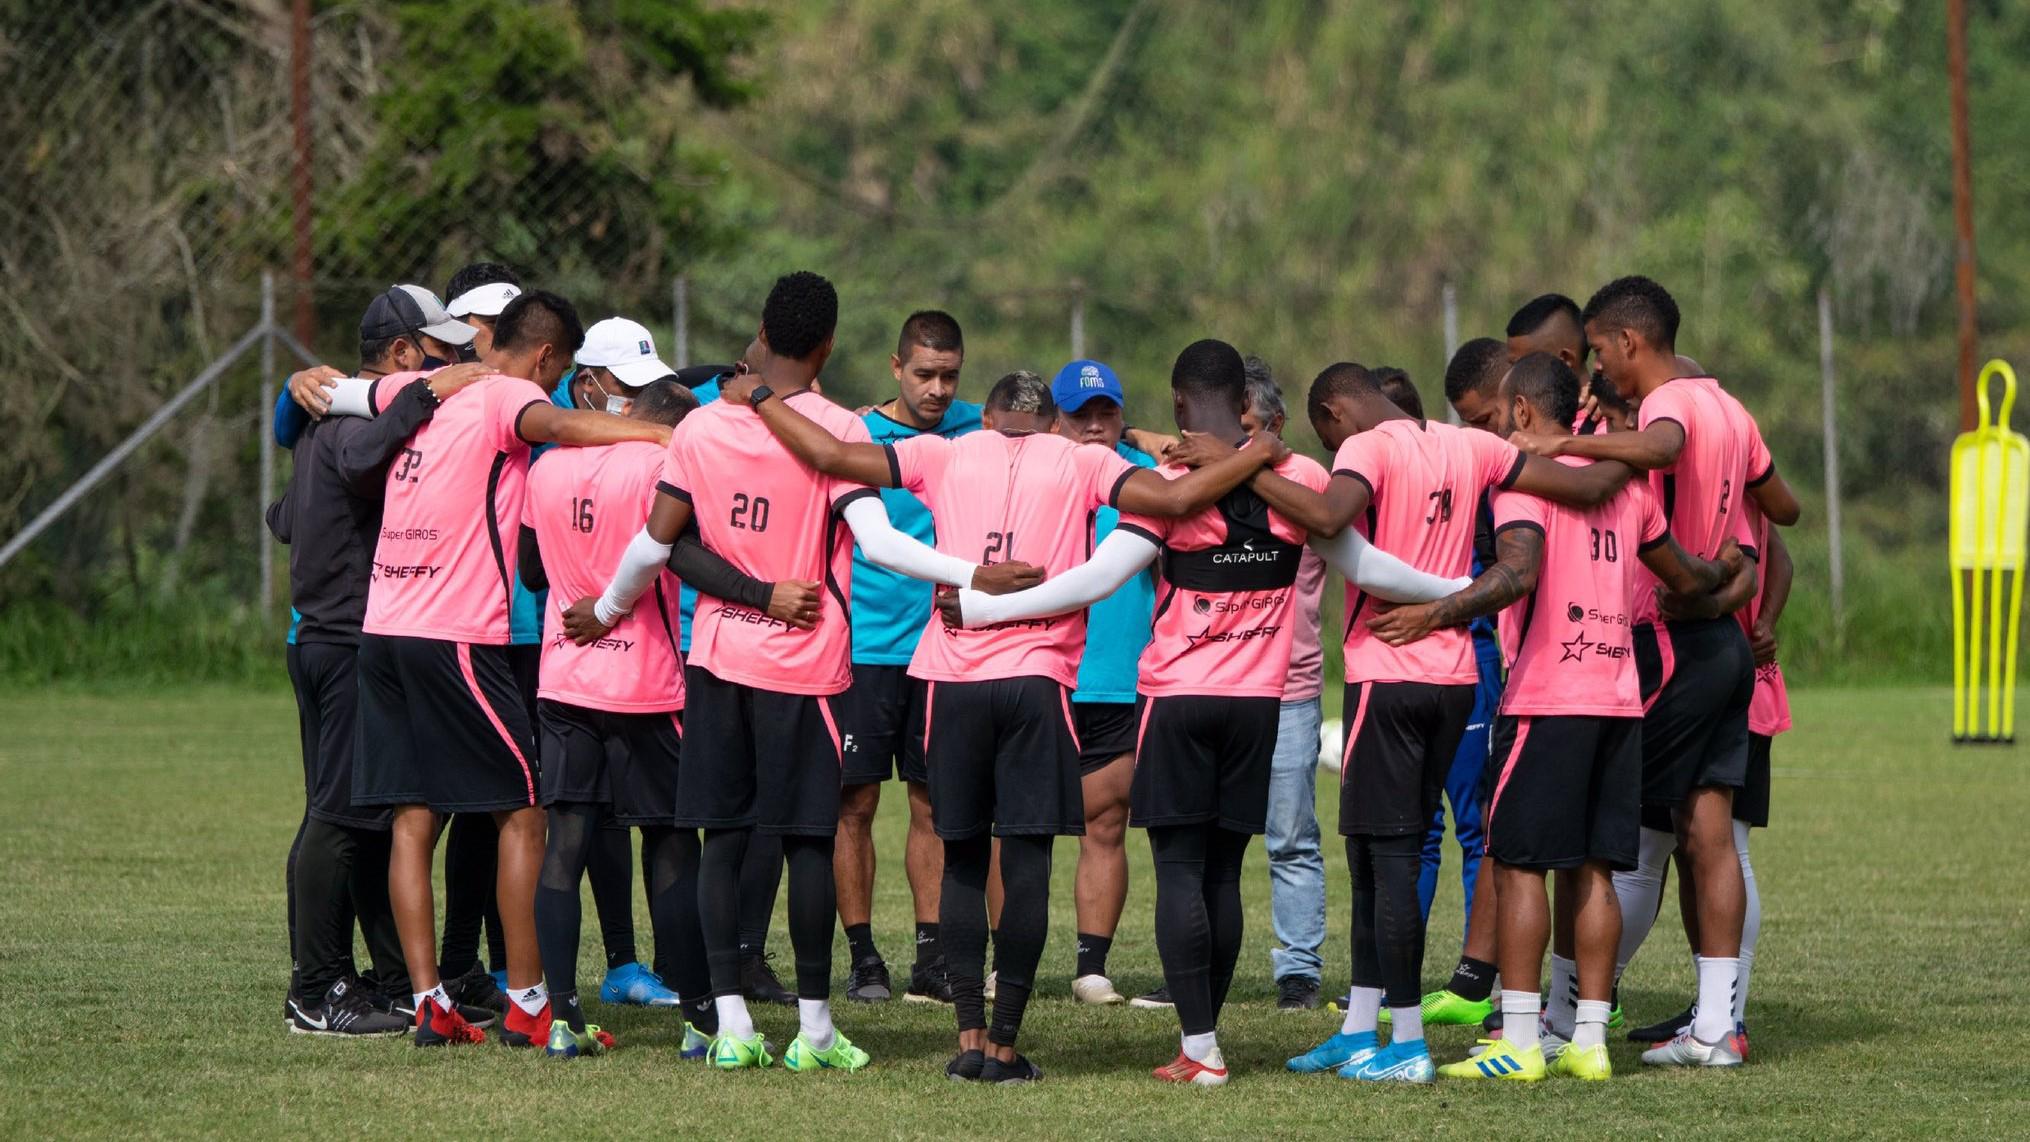 Once-Caldas-1-2-Rionegro-Aguilas-Casa-Blanca-OC-Elkin-Soto